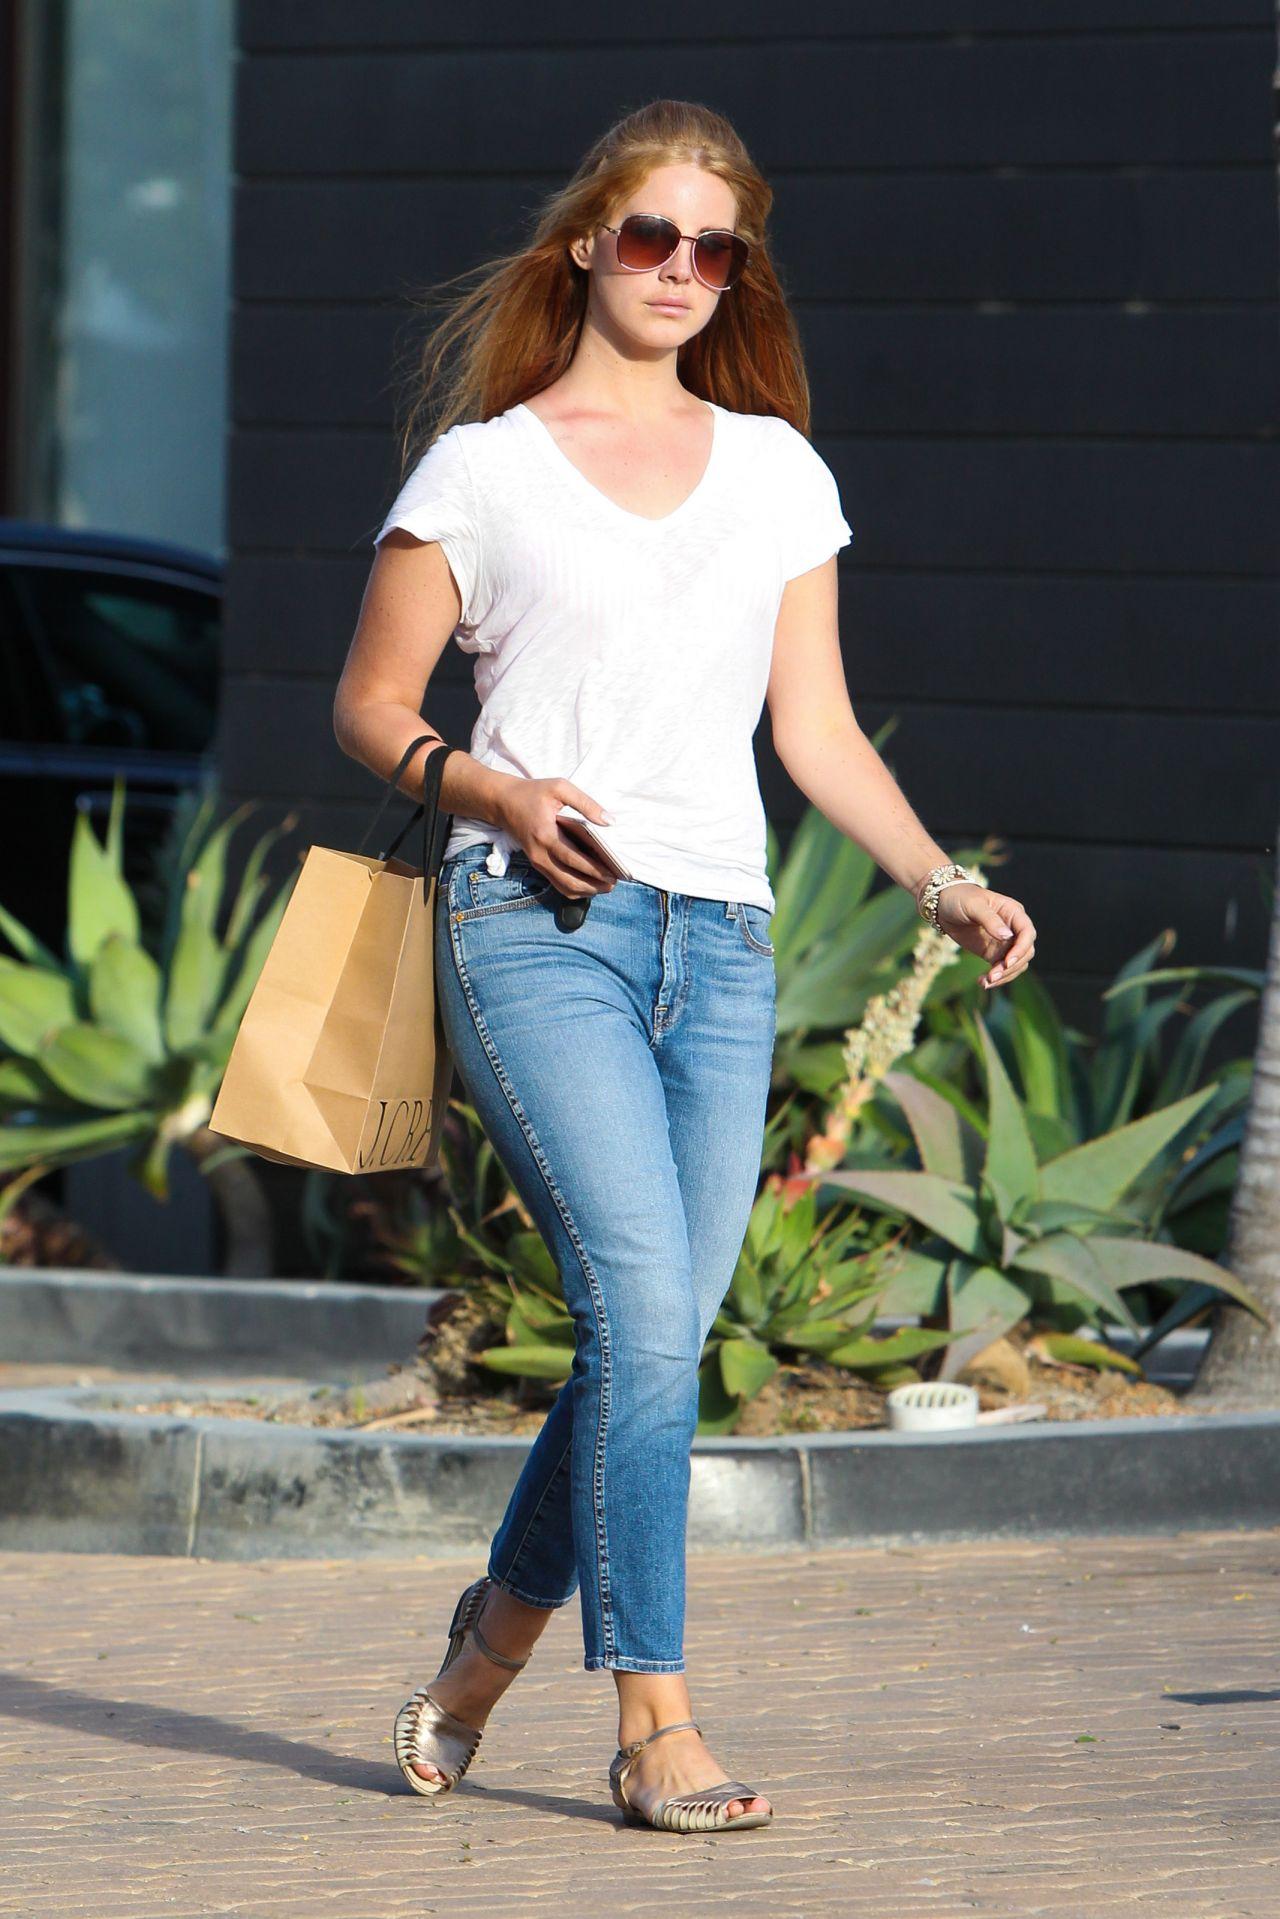 Lana Del Rey Street Style - Out in LA 4/22/2016